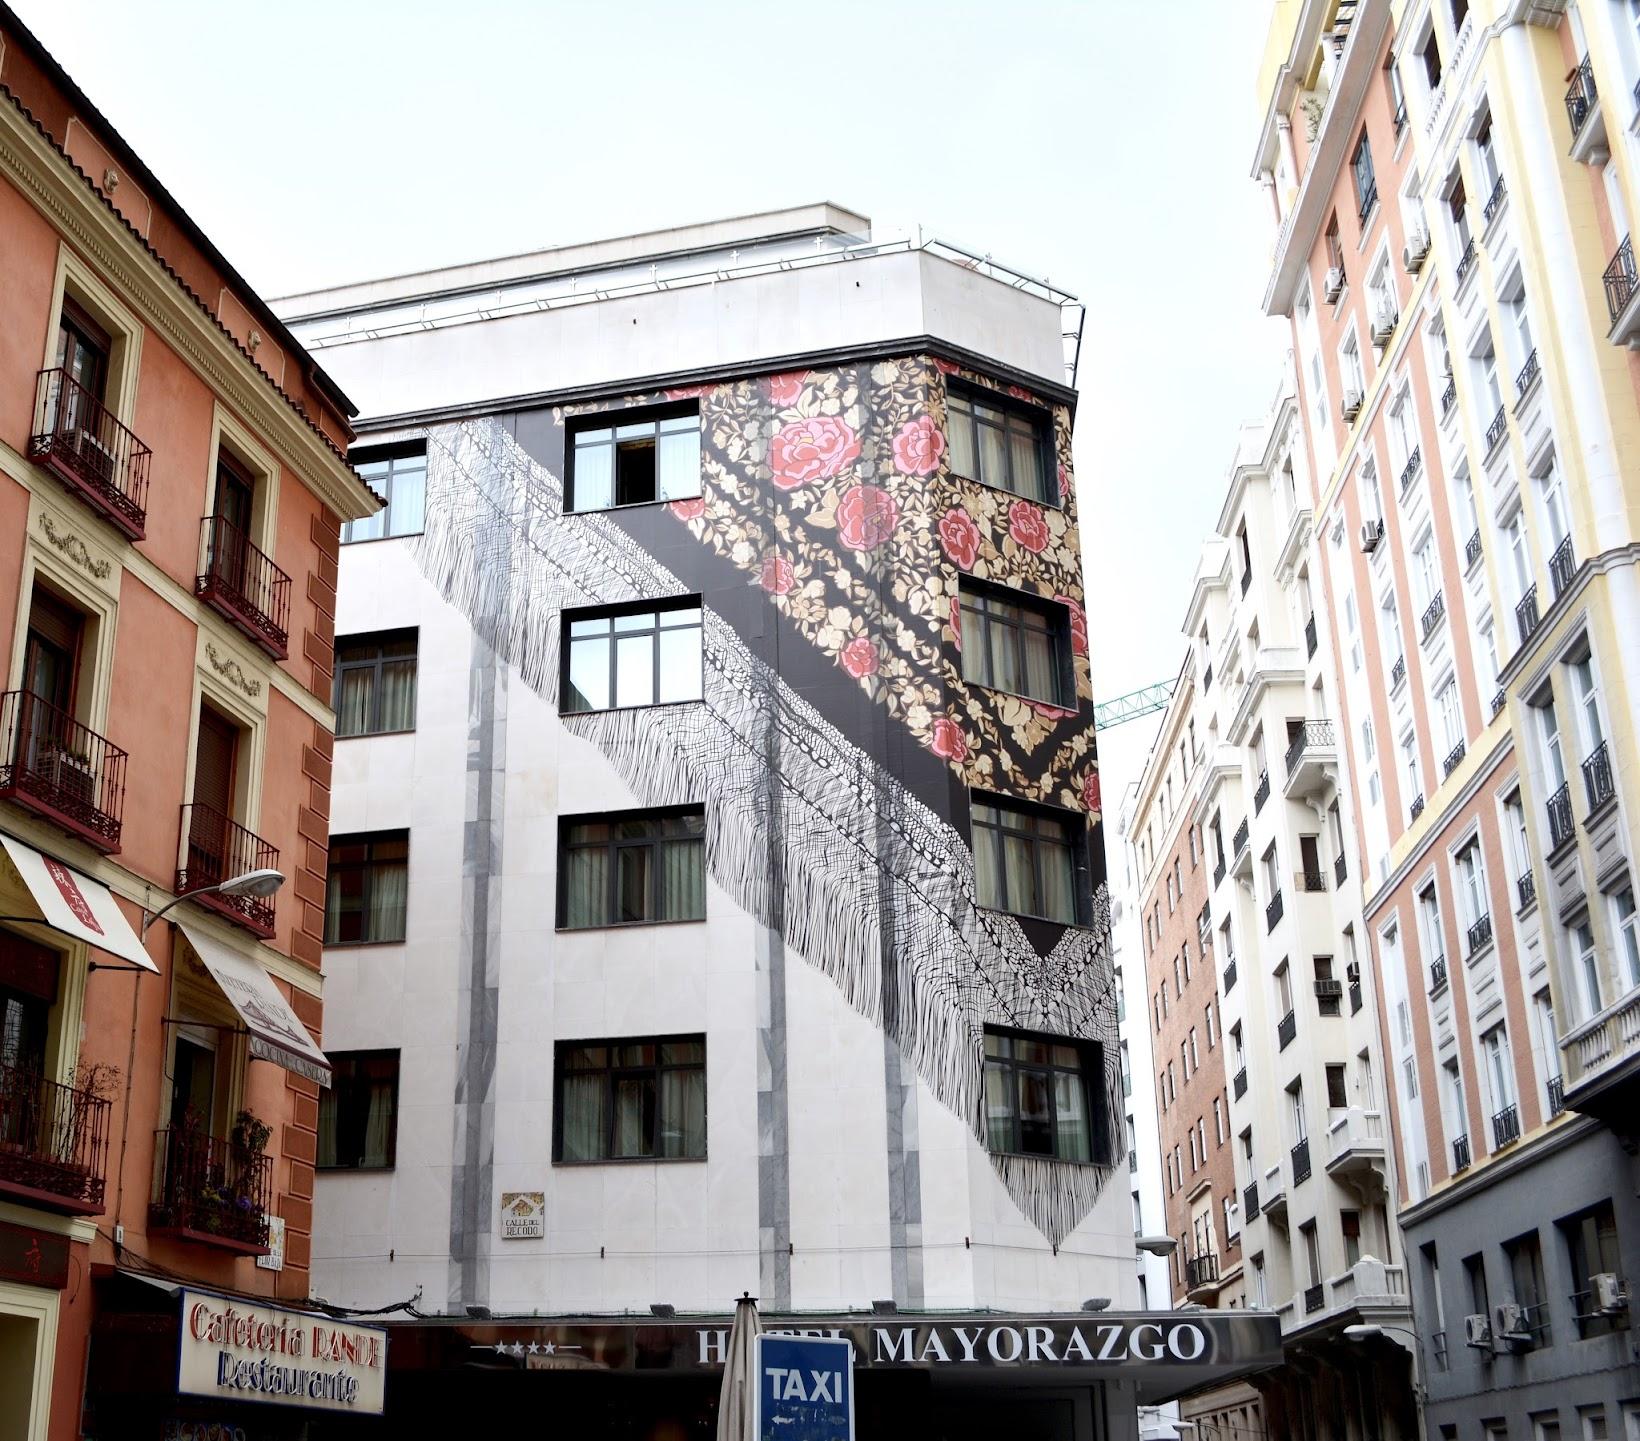 Madrid streets, calles de Madrid, mantilla flamenca en un edificio, street art, arte por las calles